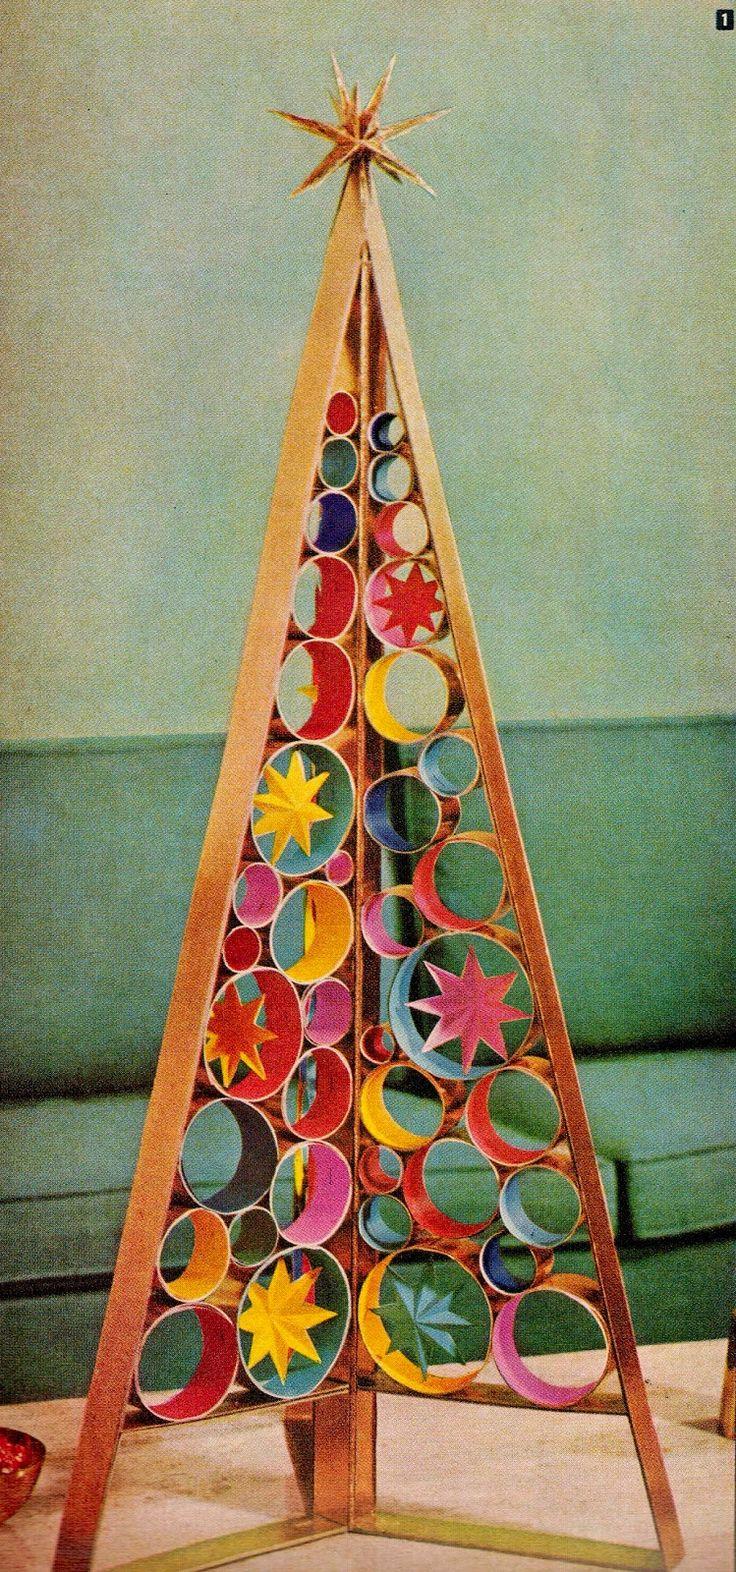 DIY mid century retro Christmas tree centerpiece. http://www.retrorealtygroup.com